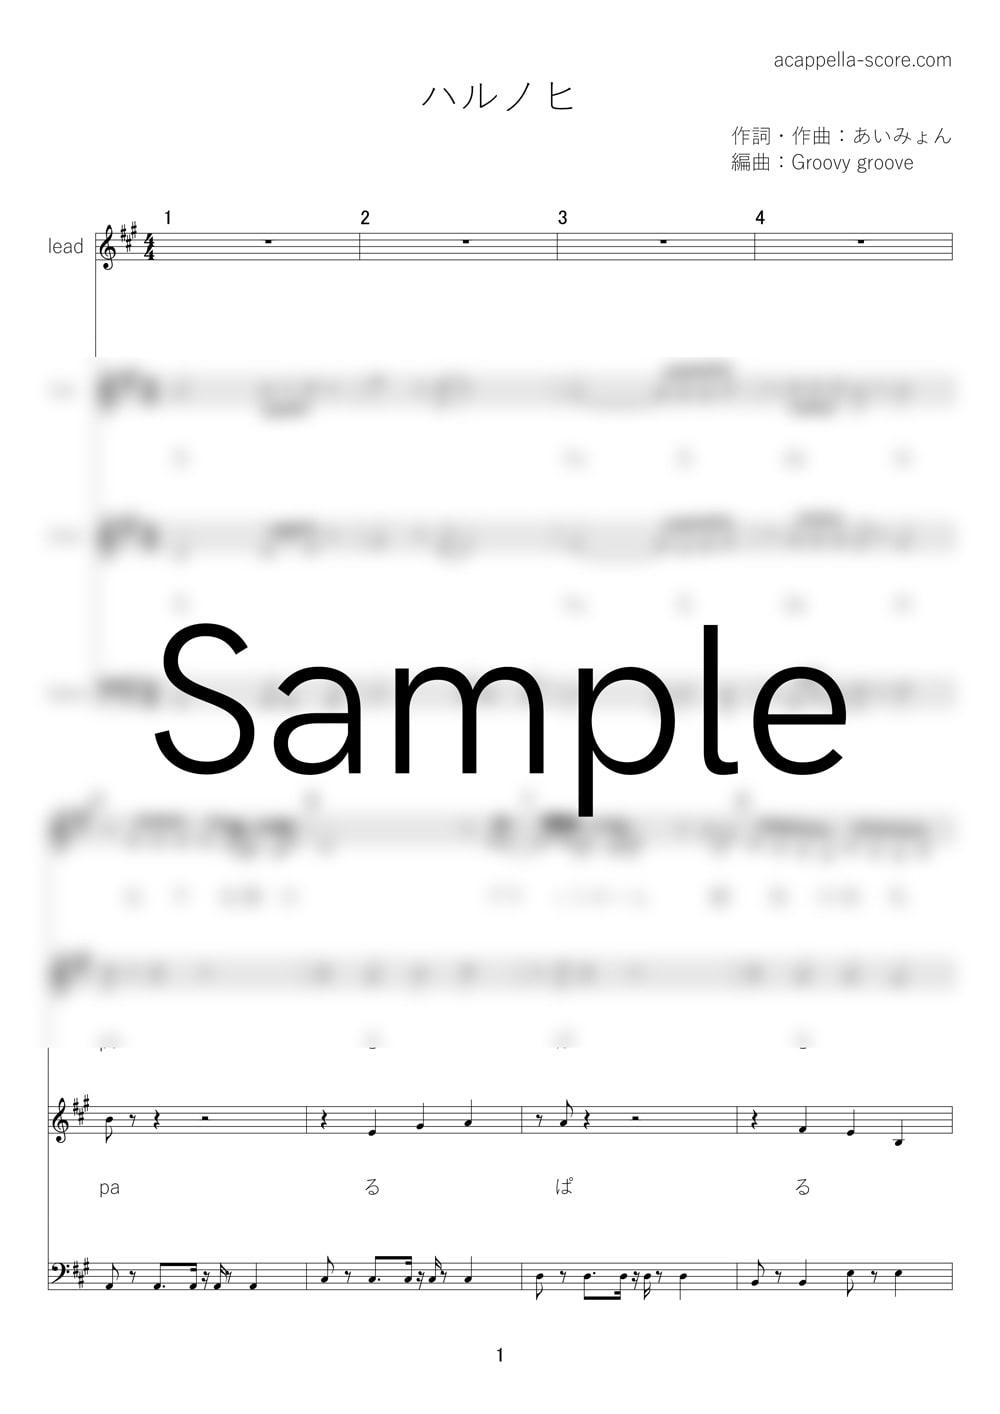 【アカペラ楽譜】ハルノヒ - あいみょん